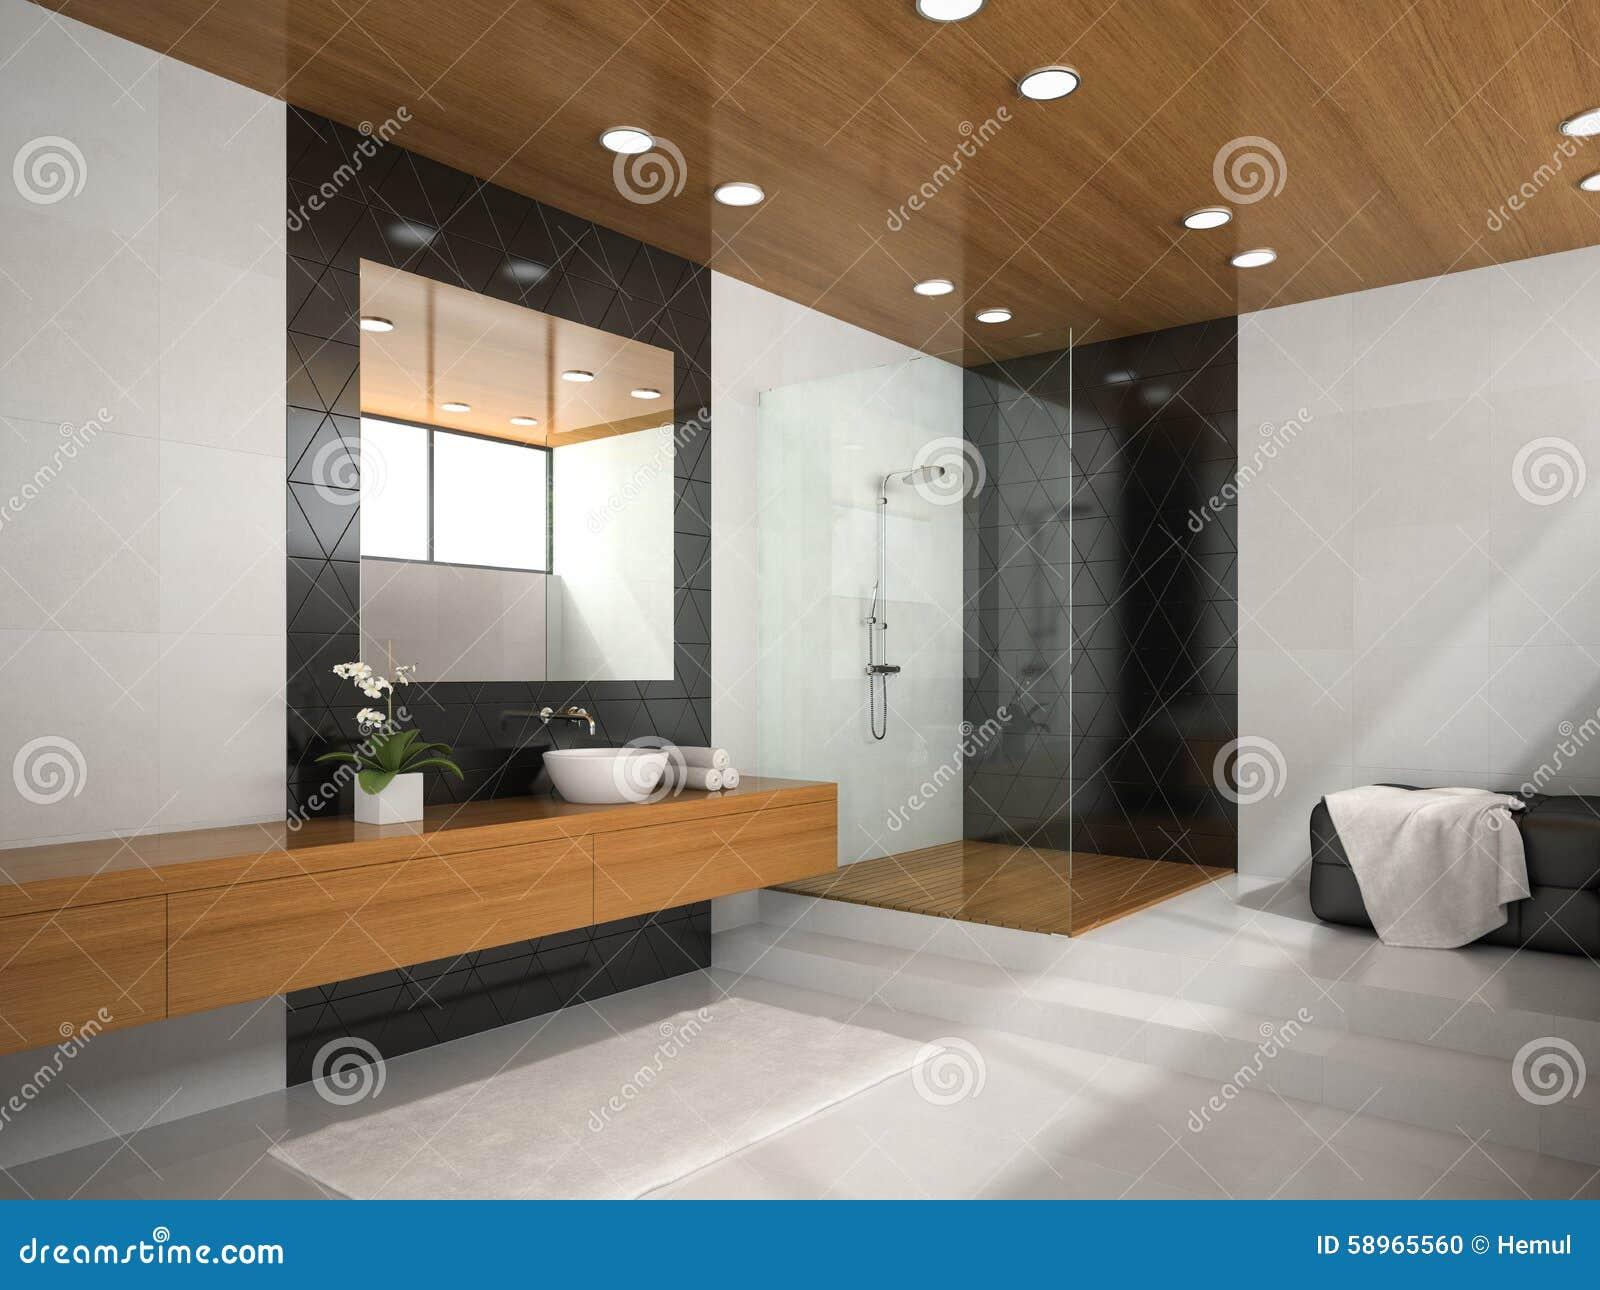 Soffitto Legno Bianco: Soffitto con travi in legno bianco rivestimenti ...